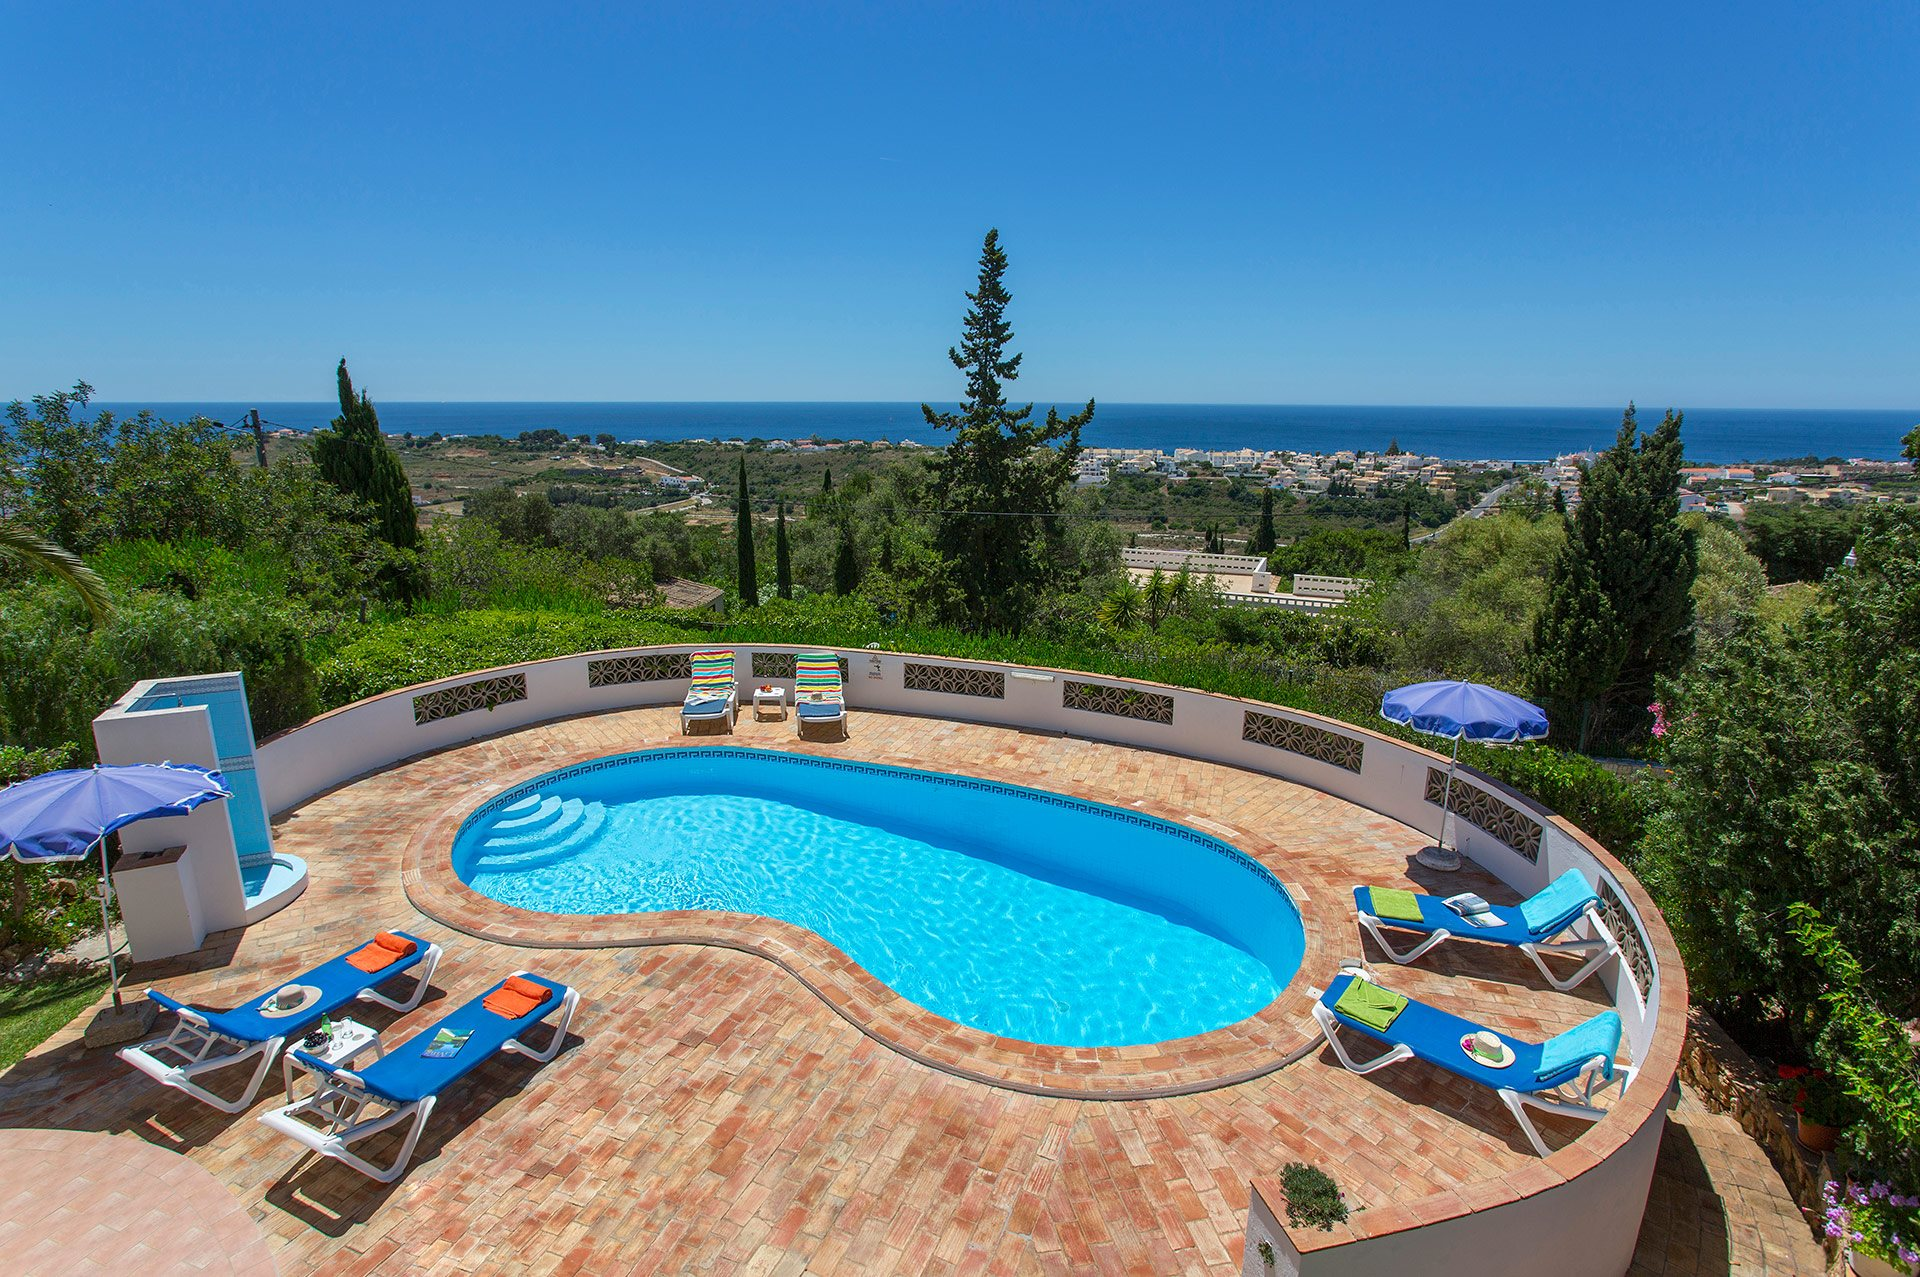 Villa Bonita, Sao Rafael, Algarve, Portugal